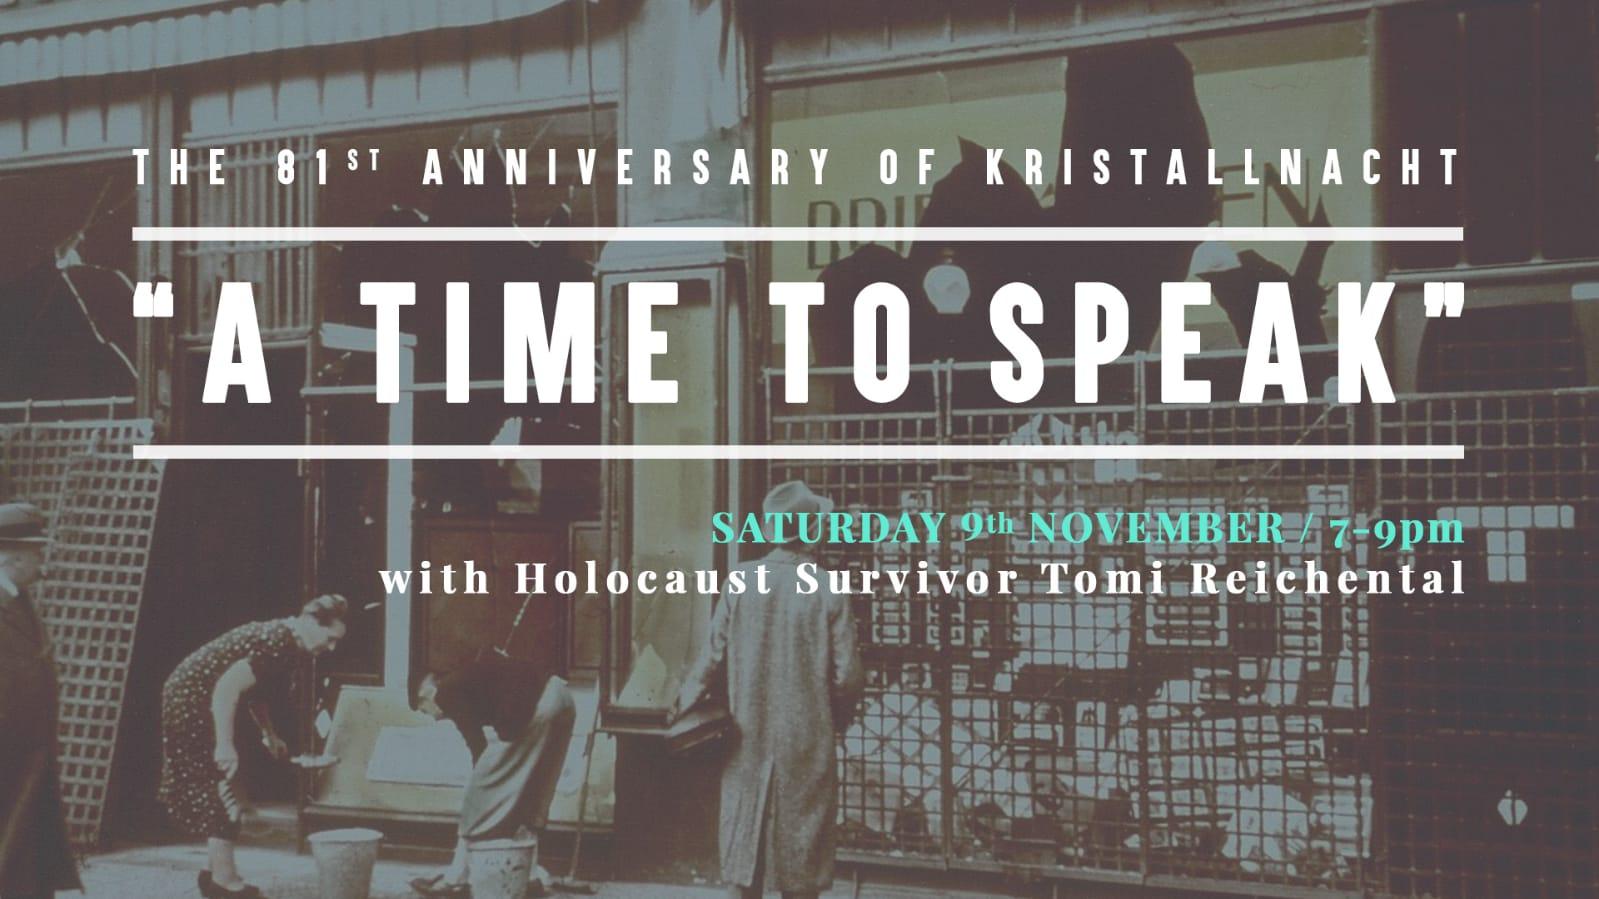 A Time to Speak with Holocaust Survivor Tomi Reichental